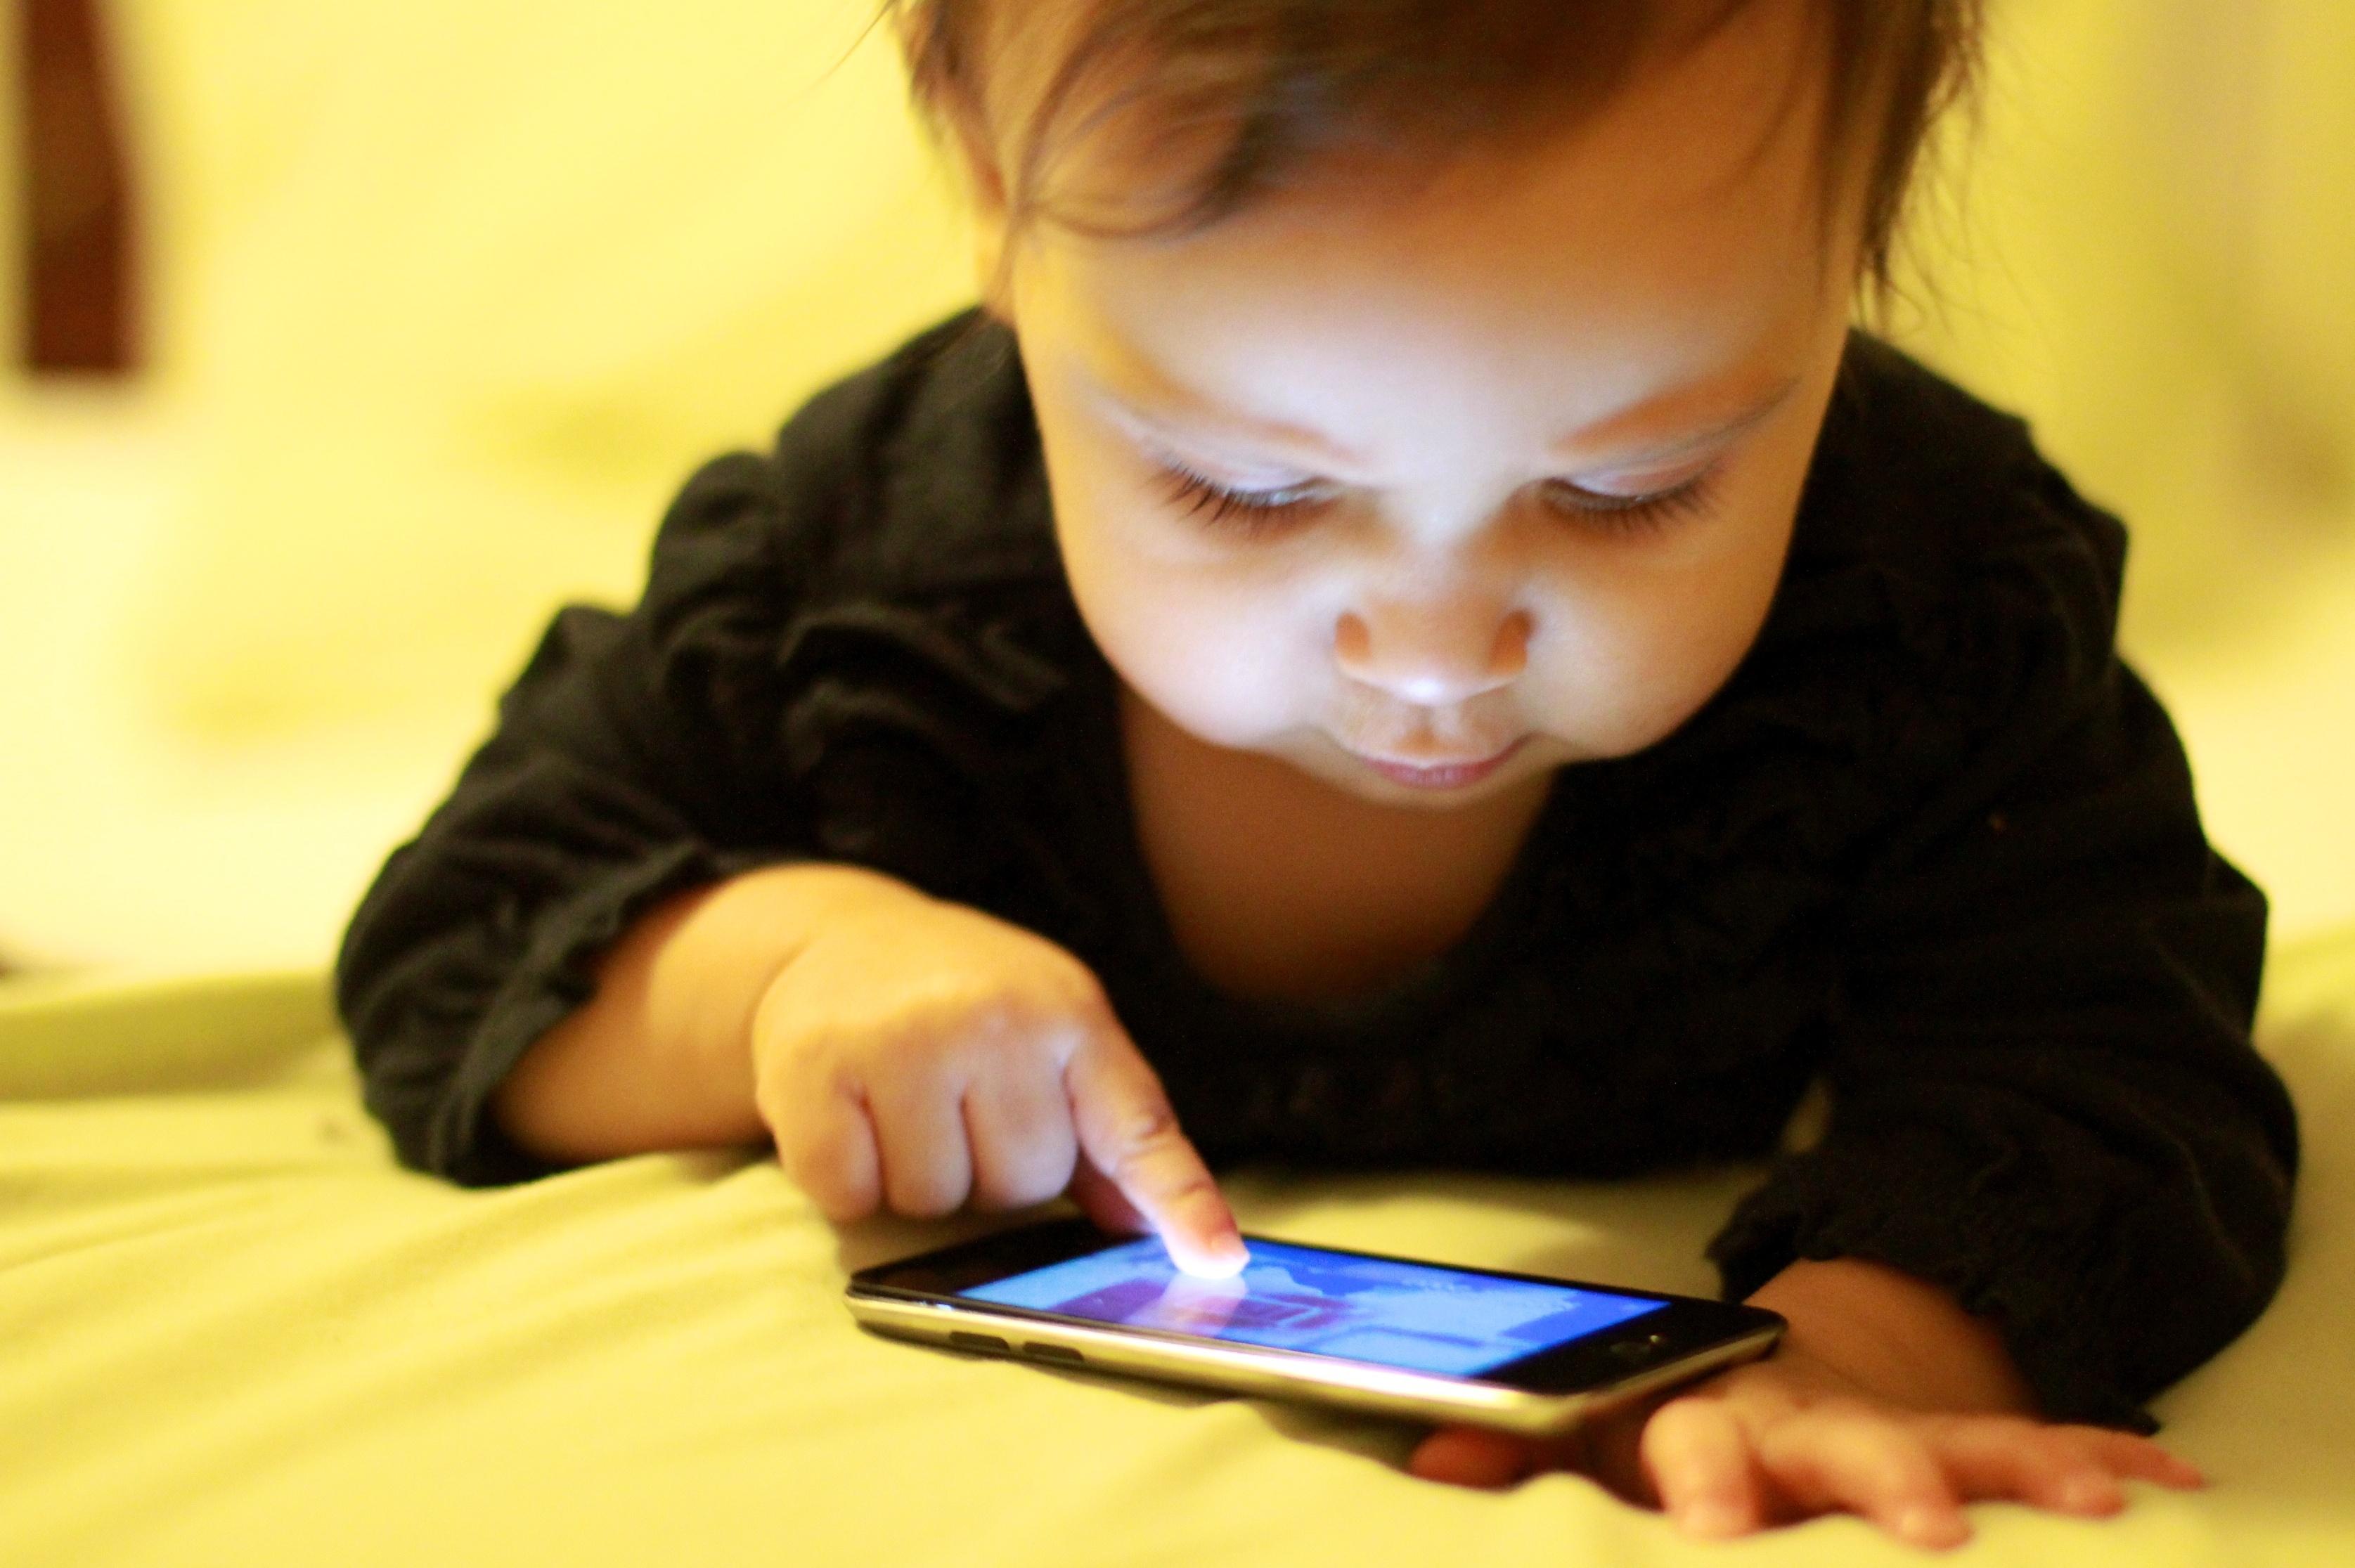 On The Air This Week, We're Exploring Digital Childhood